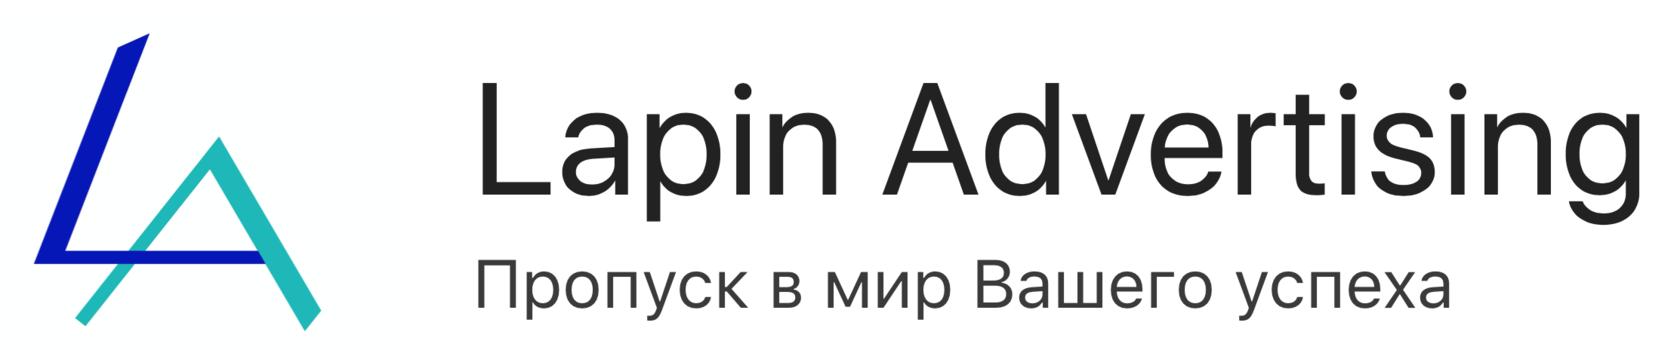 Lapin Advertising